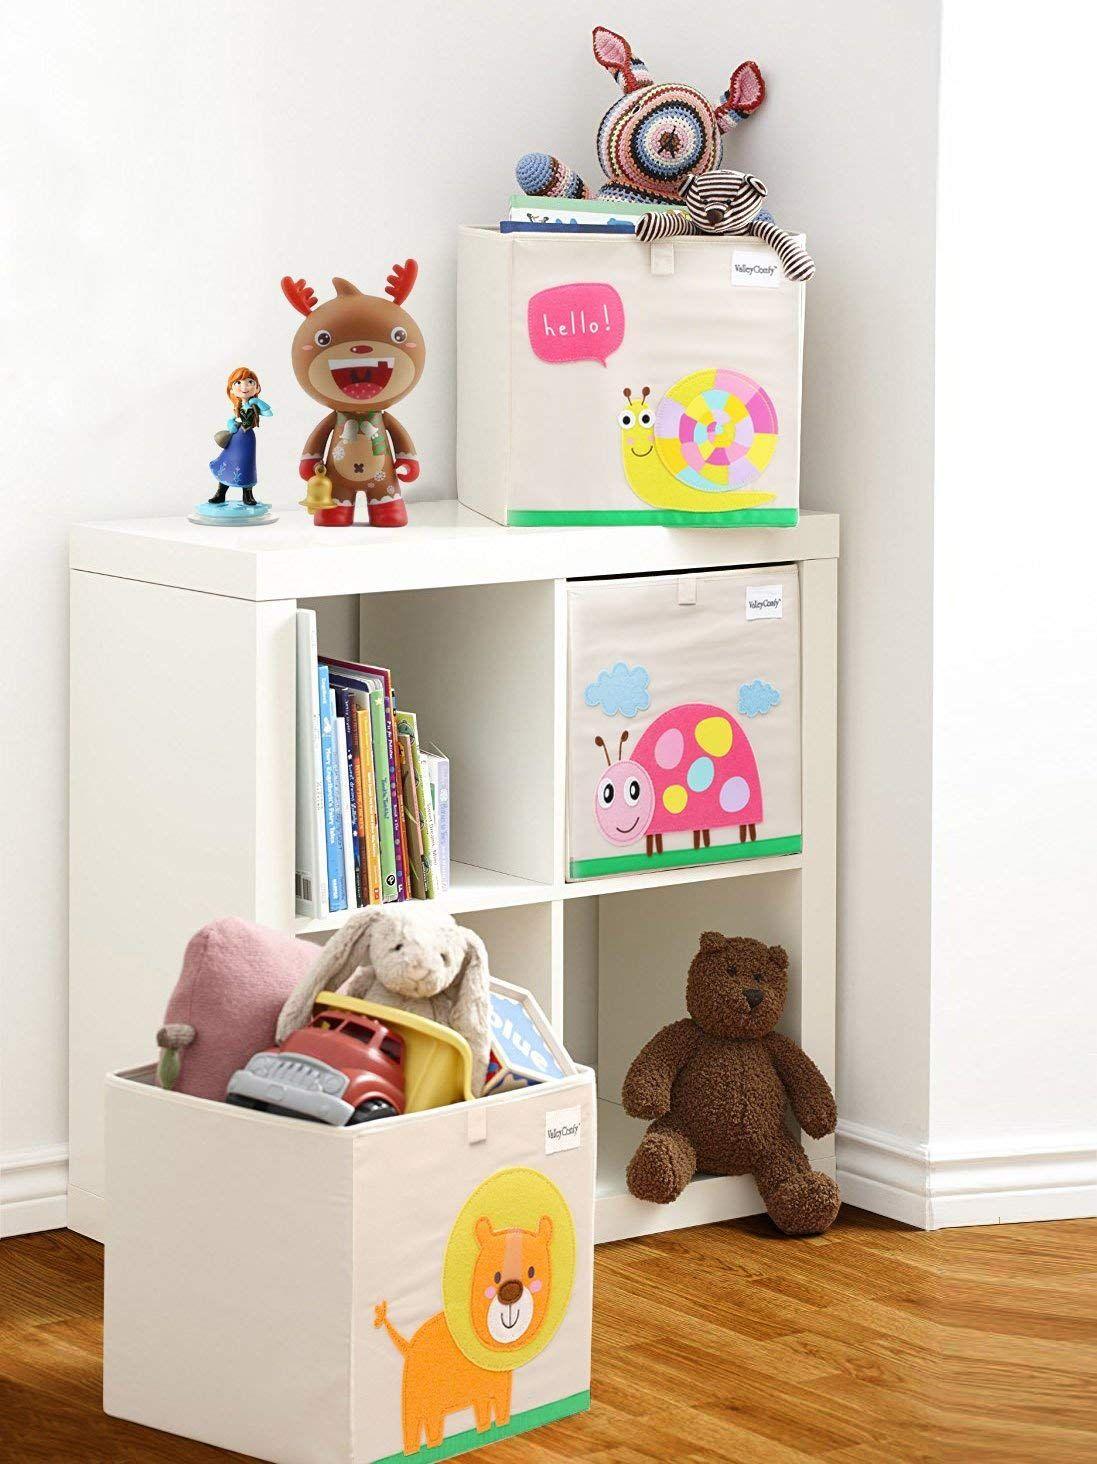 Full Size of Kinderzimmer Aufbewahrung Regal Aufbewahrungssystem Aufbewahrungskorb Aufbewahrungsregal Ideen Ikea Aufbewahrungssysteme Rosa Spielzeugboxen Mit Verschiedenen Kinderzimmer Kinderzimmer Aufbewahrung